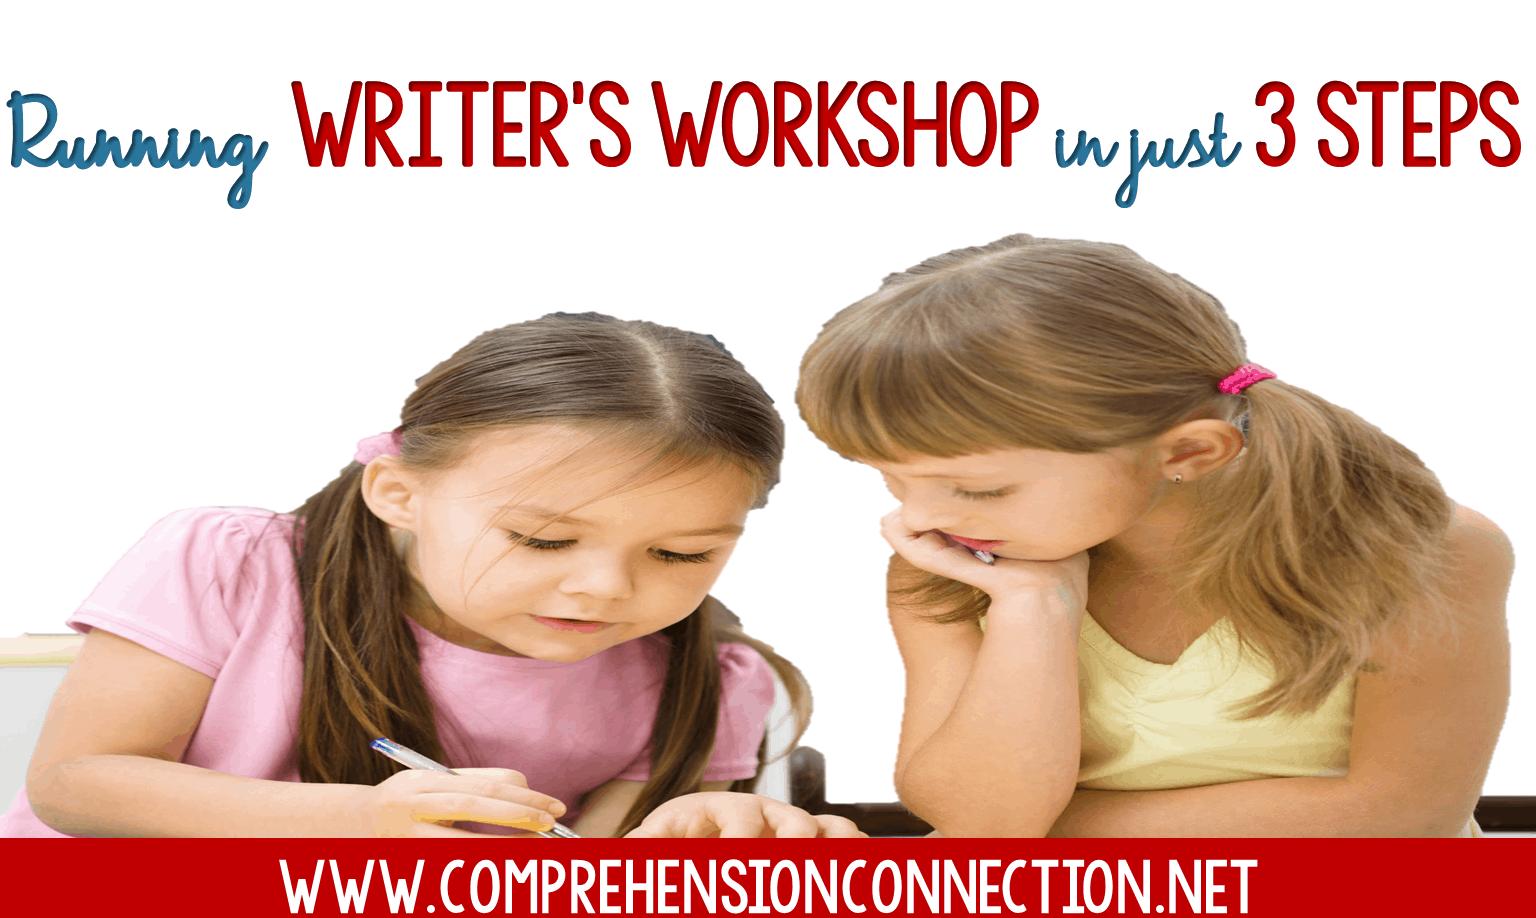 writers2bworkshop2bfb-4916825